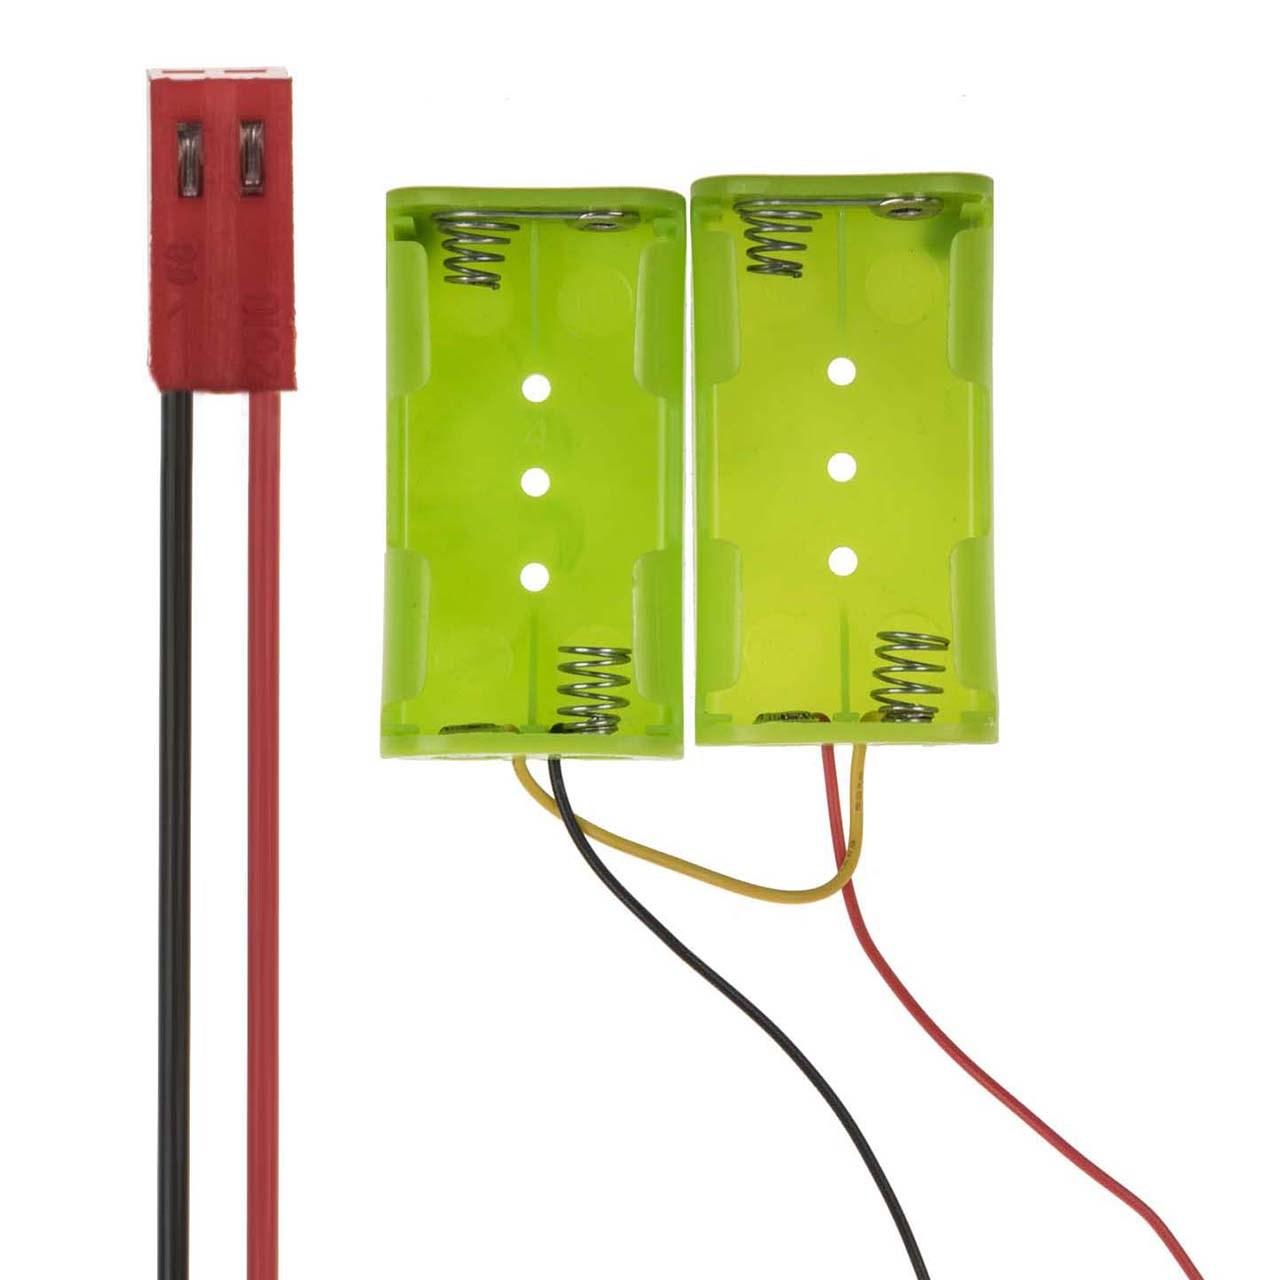 محفظه باتری انارستان مدل Rokaro بسته 2 عددی